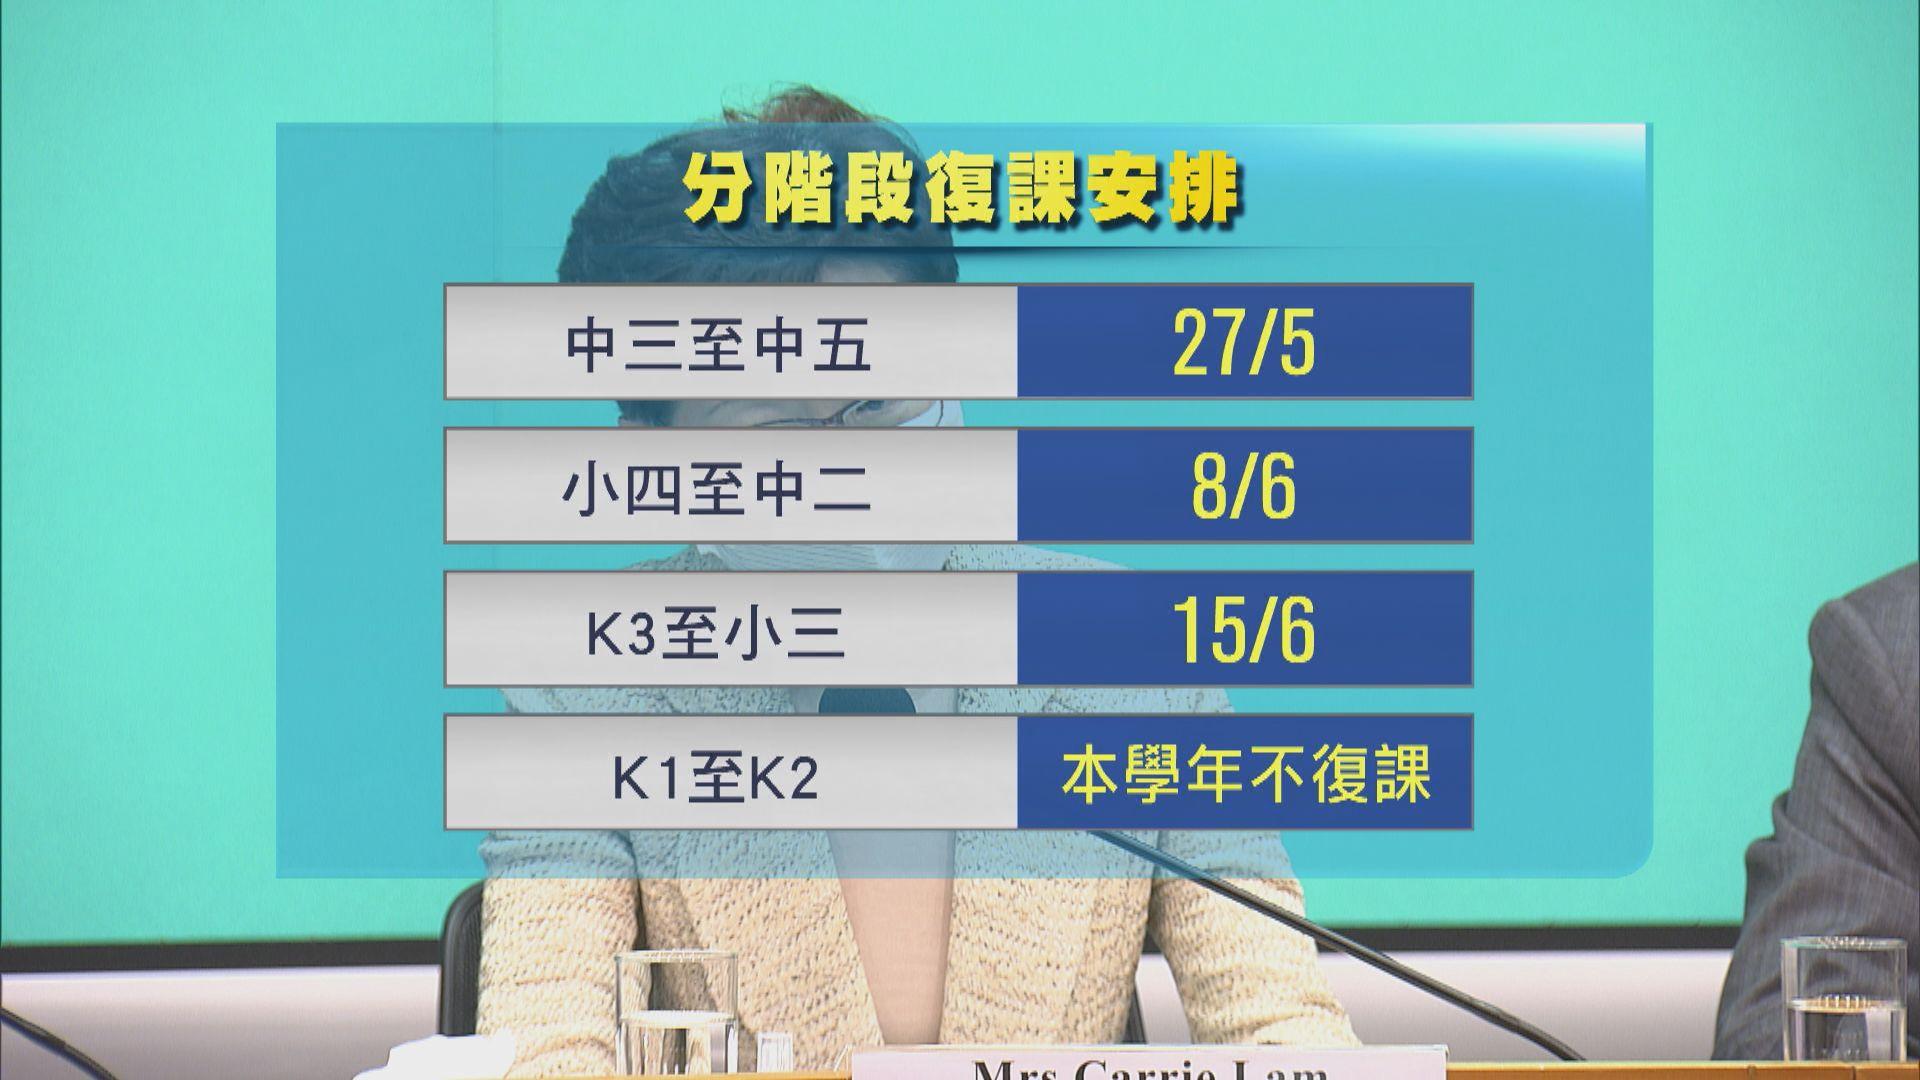 中三至中五5月27日復課 K1及K2本學年不復課